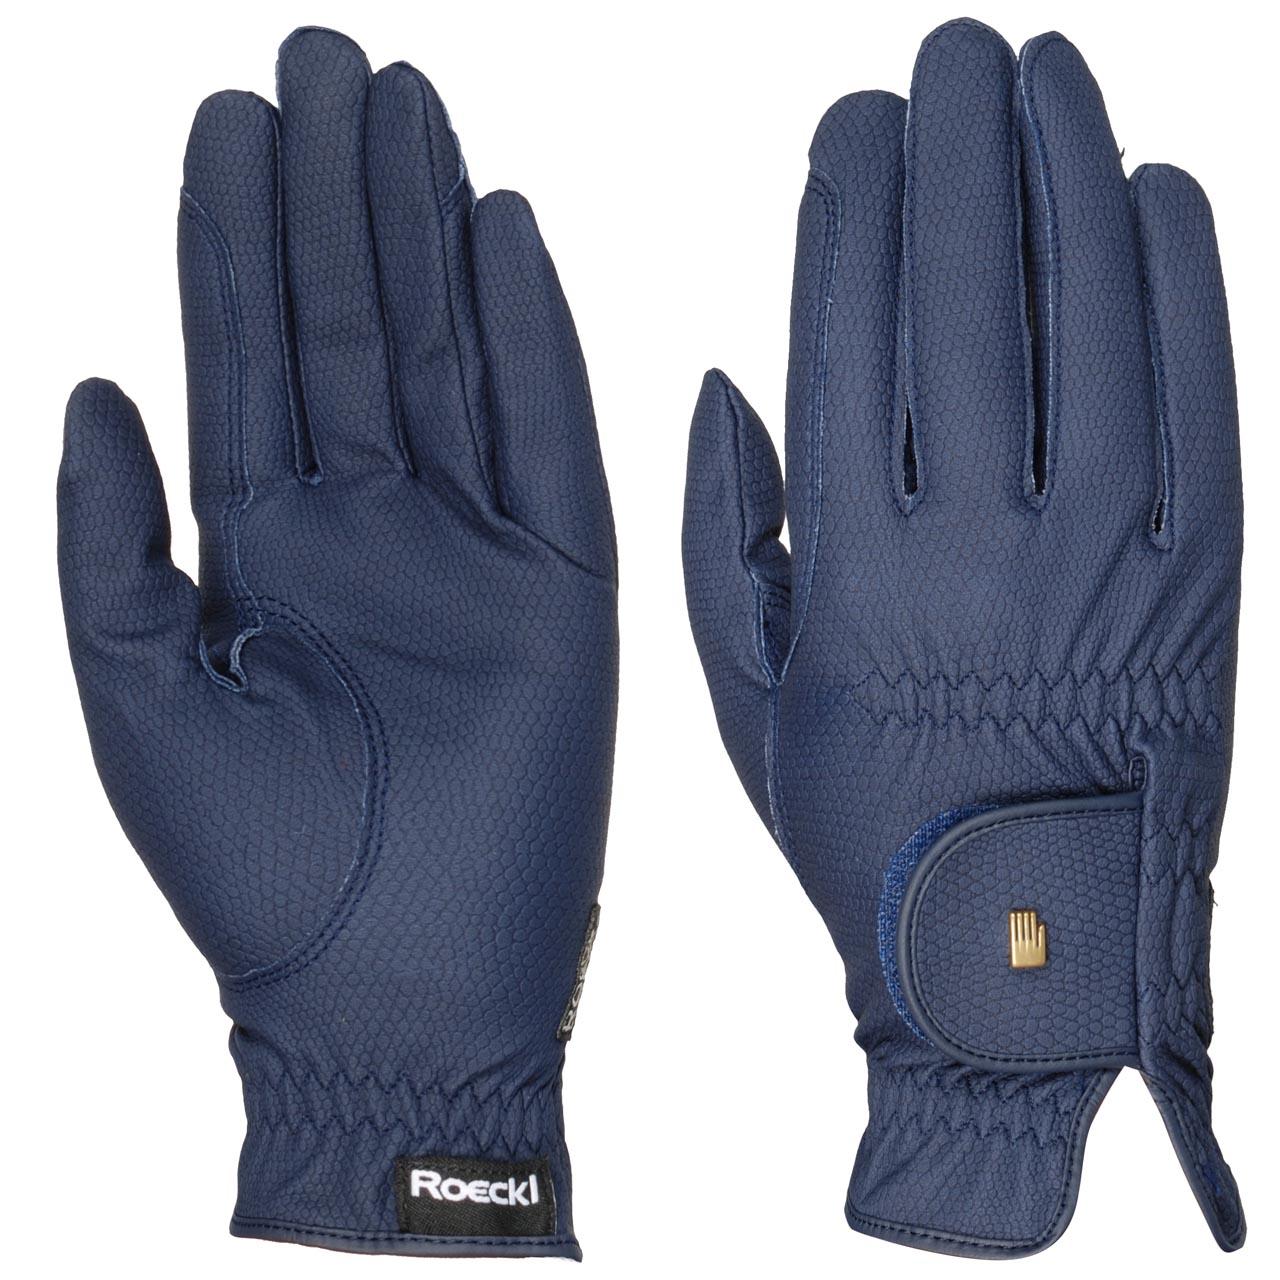 Roeckl Roeck grip Handschoen blauw maat:7,5